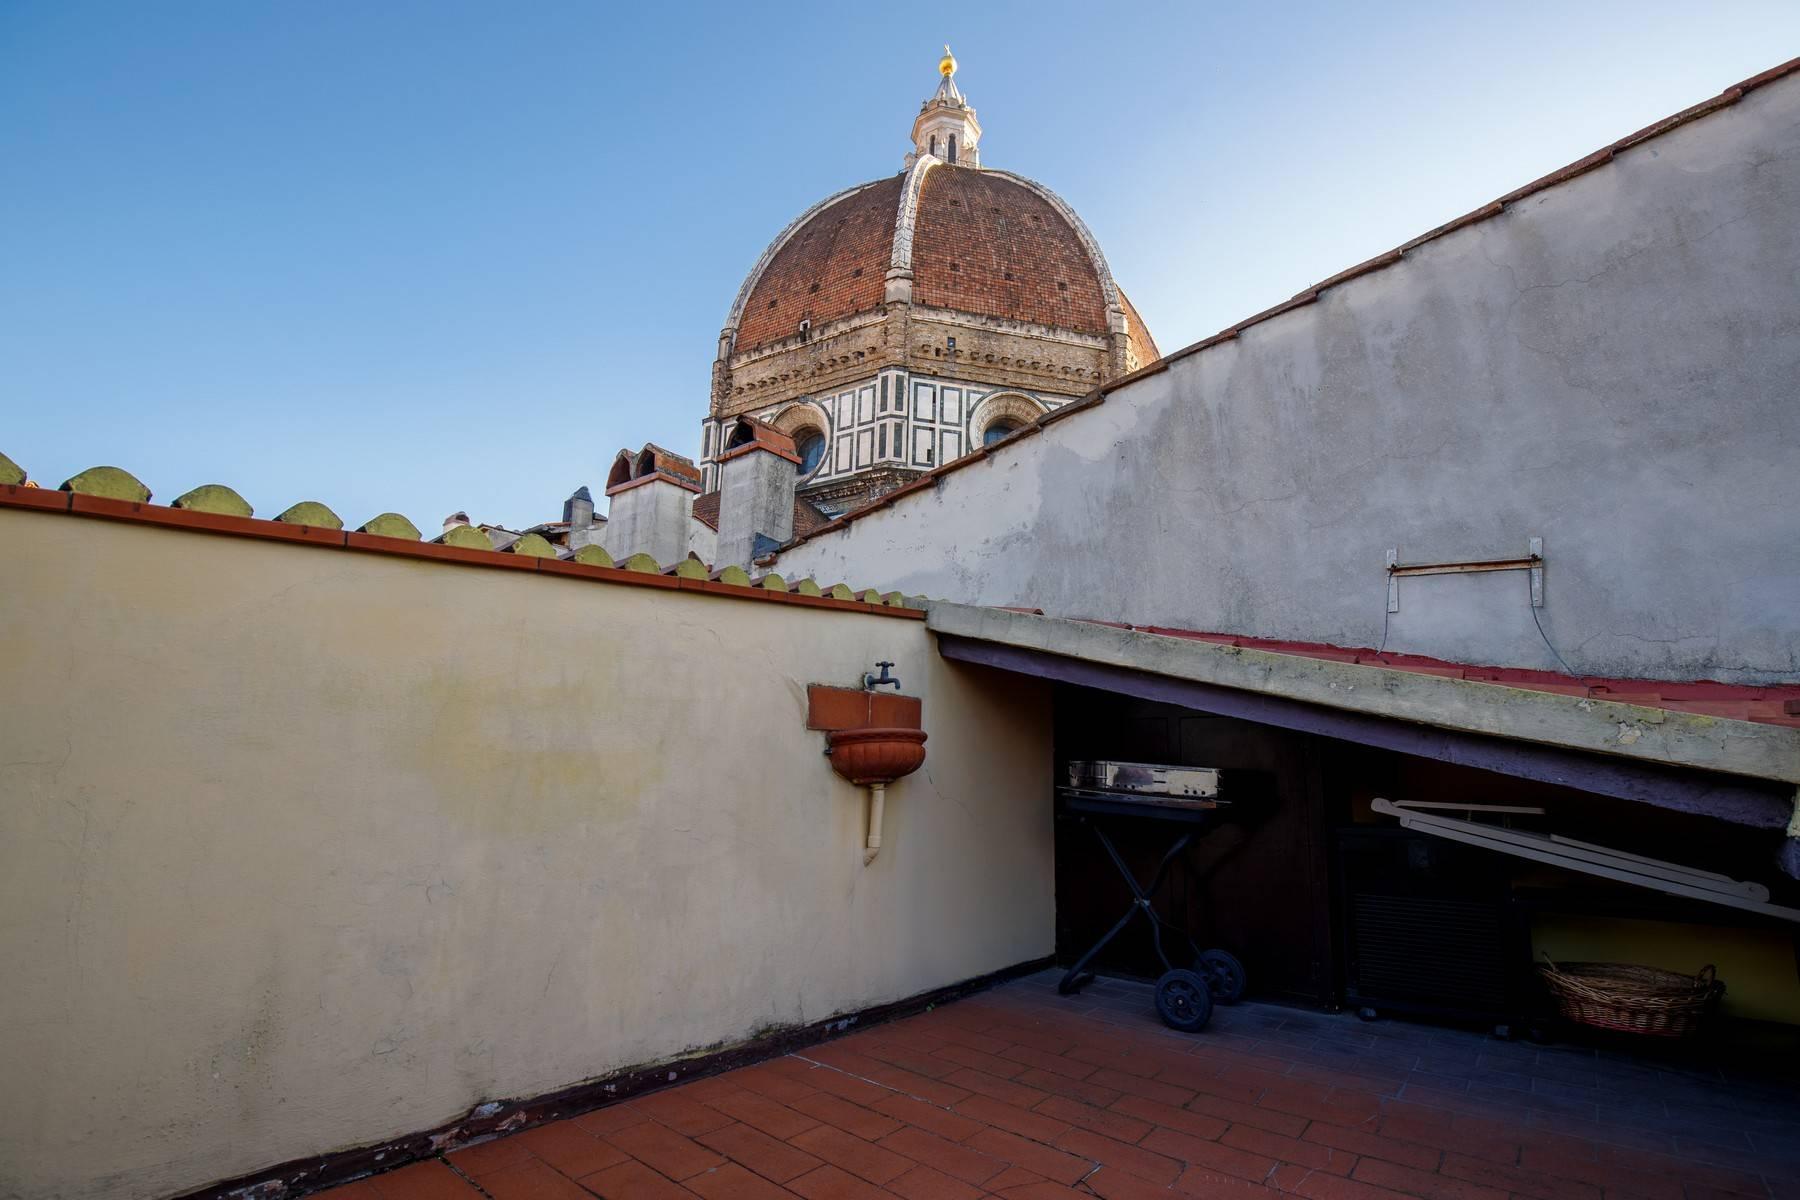 Attico con vista monumentale sul Duomo - 15